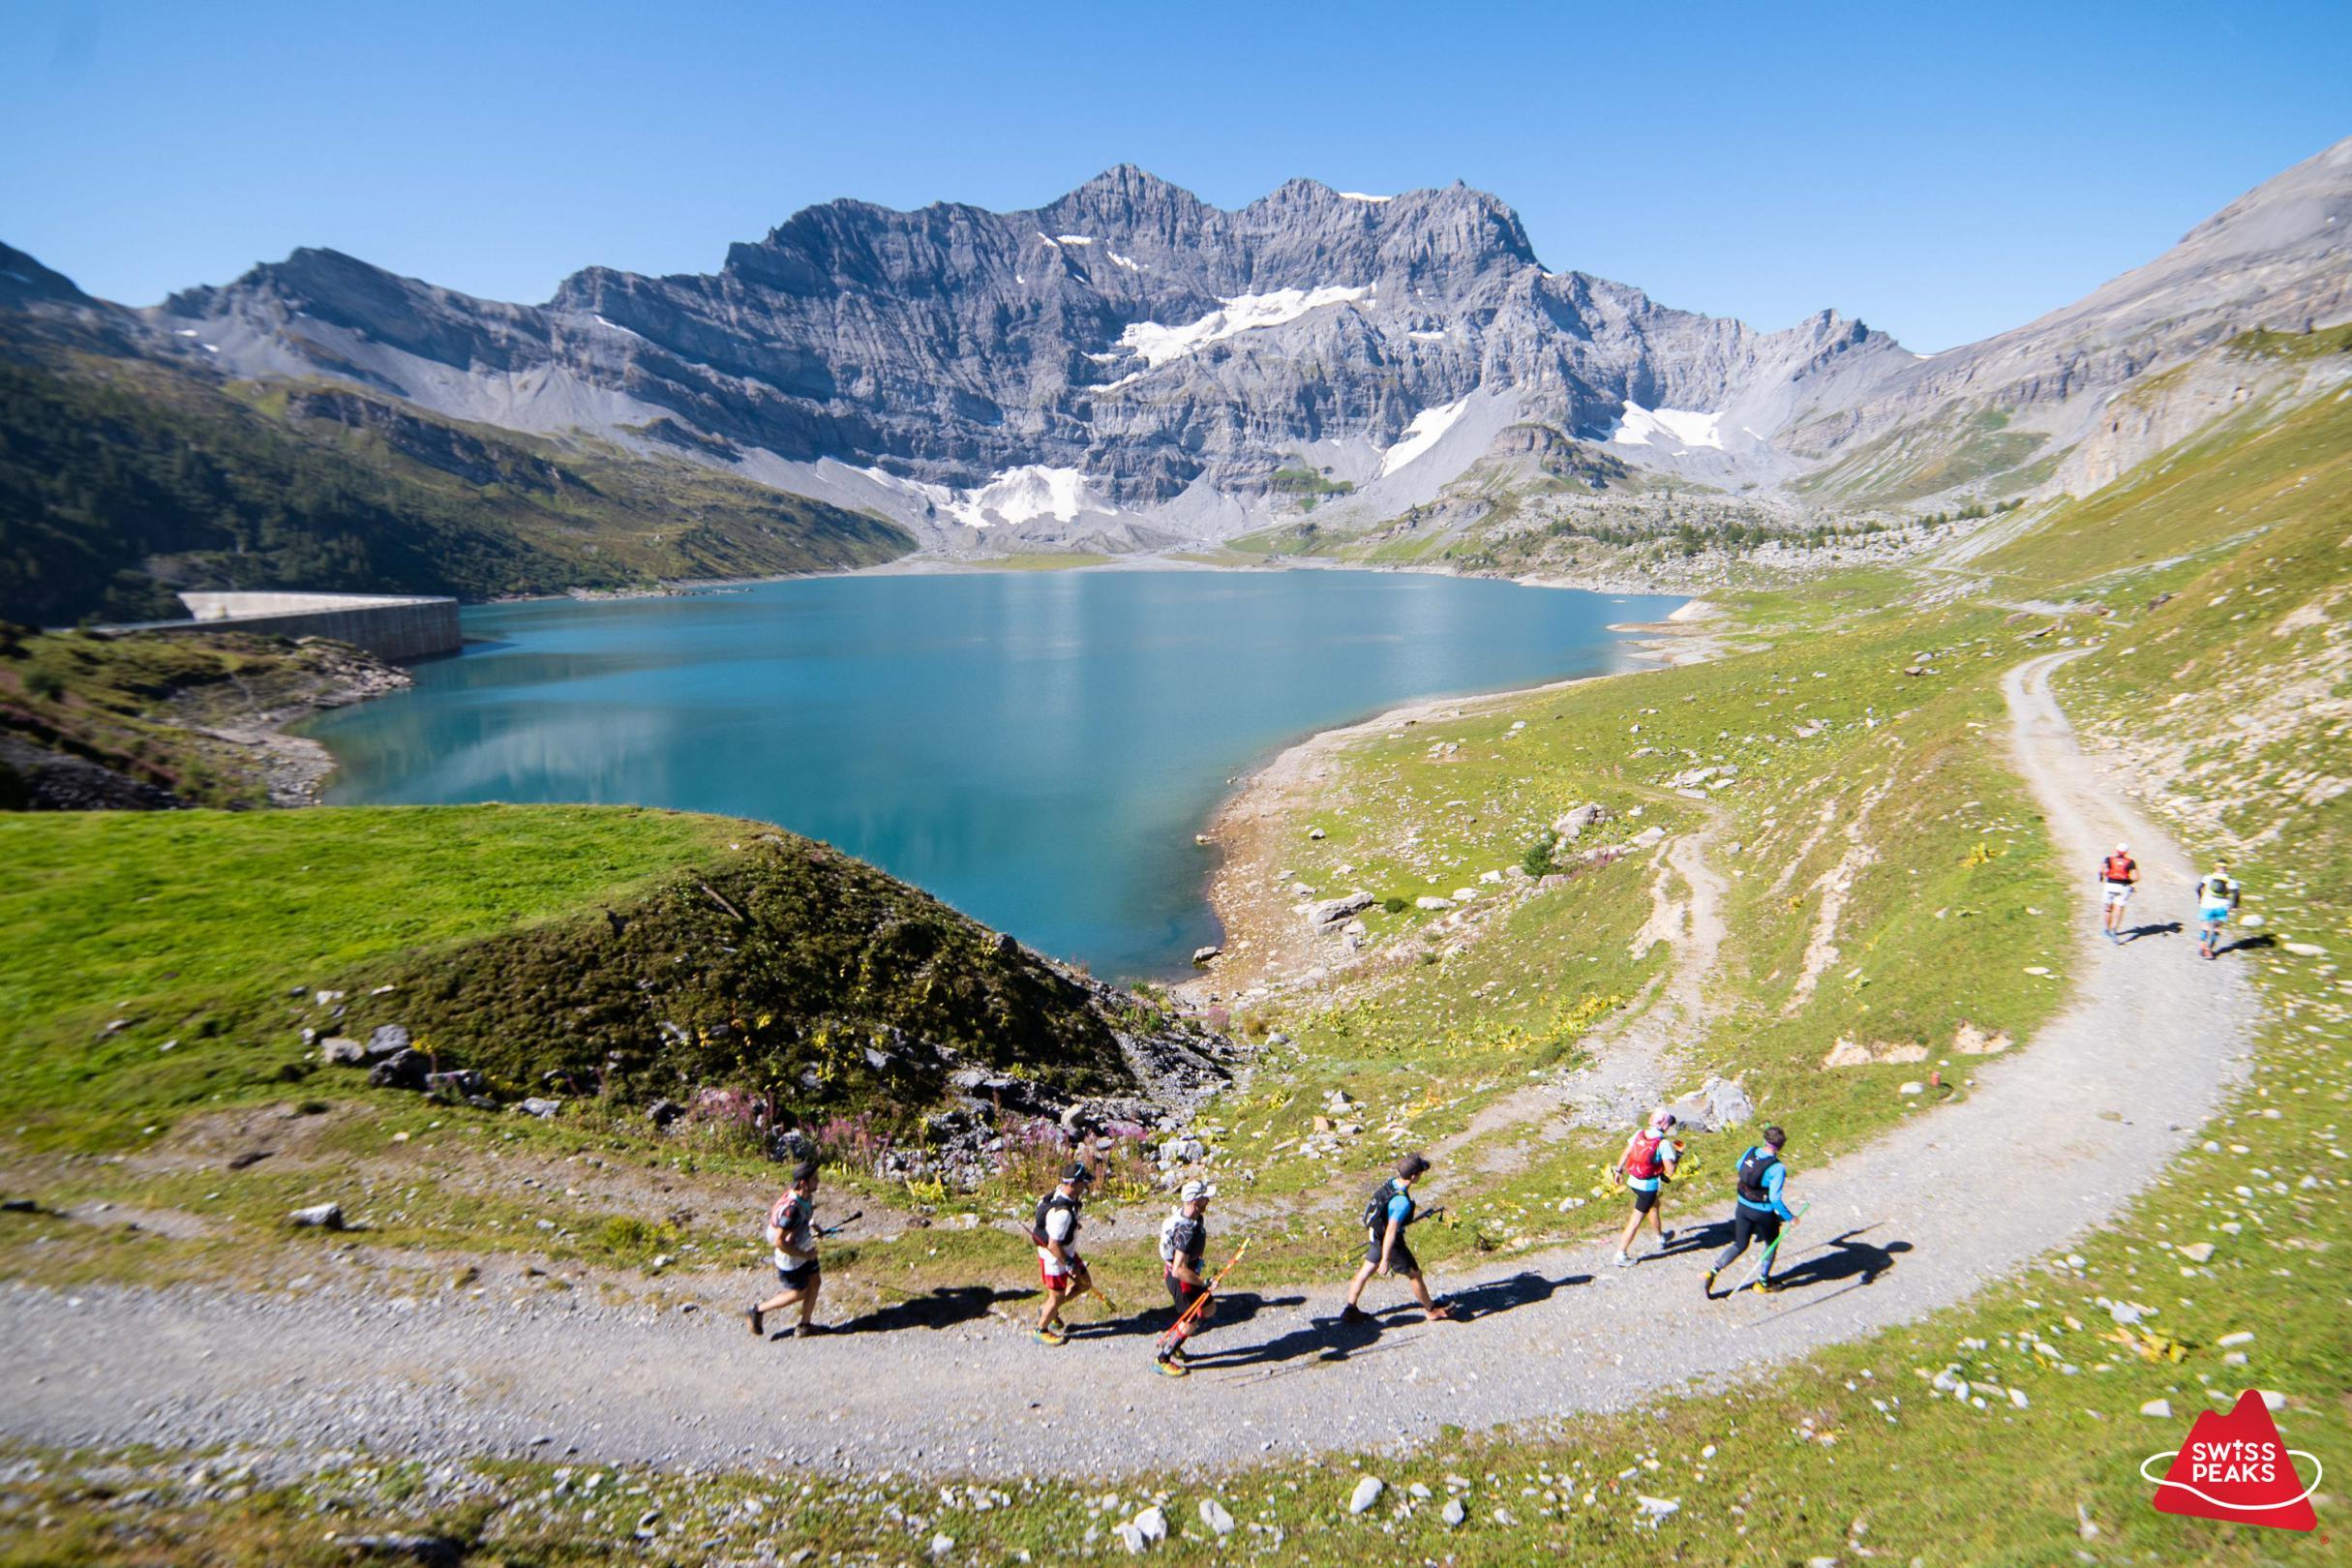 SwissPeaks Trail_Coureurs autour lac.jpg